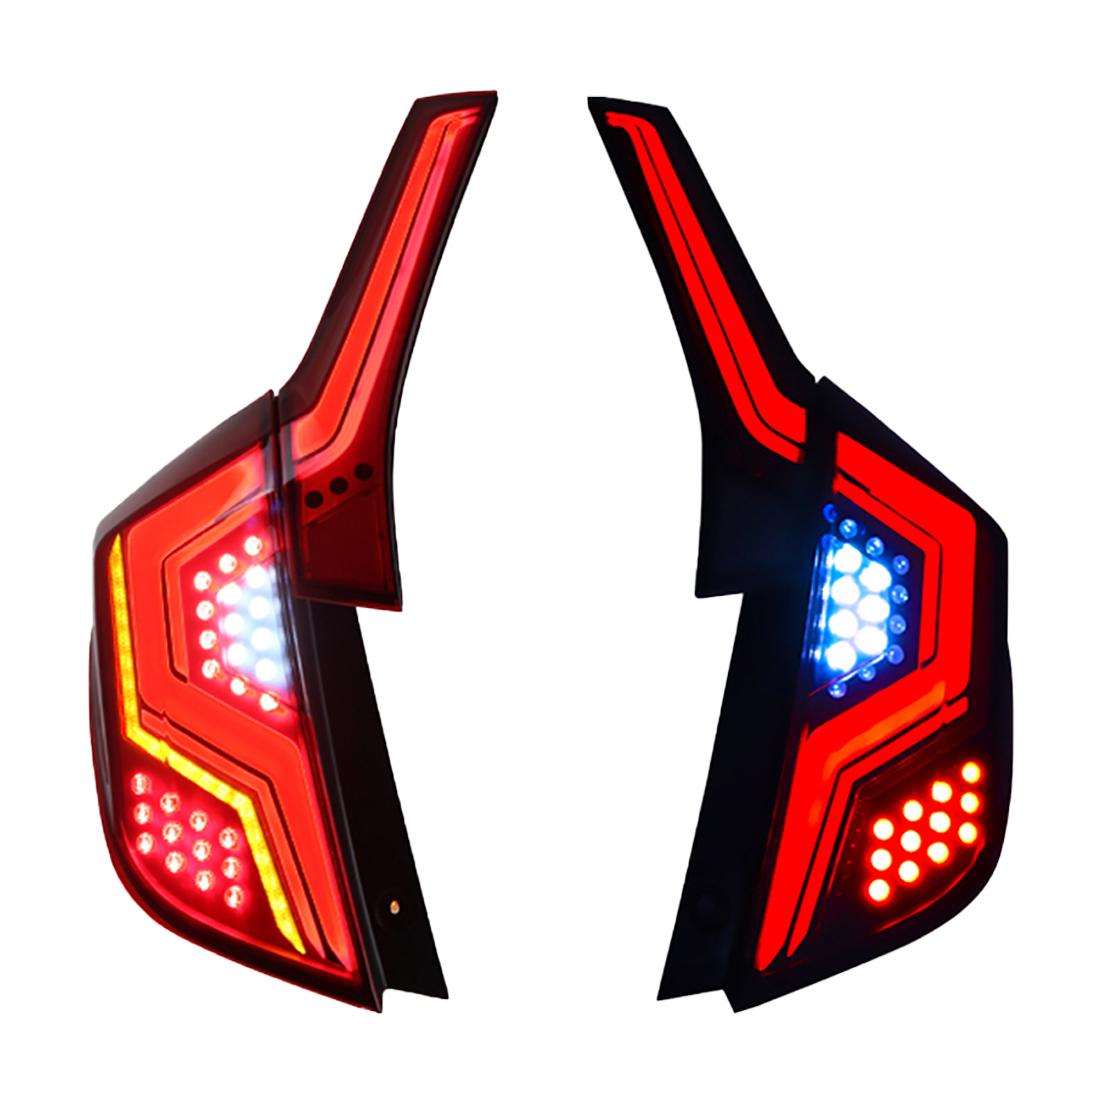 デモンストレーション機能,全LED点灯 USEKA 新生活 ホンダ フィットGK5 テールランプ 14-18年式モデル 全LED 新型デモンストレーション機能搭載 限定価格セール セルラー式